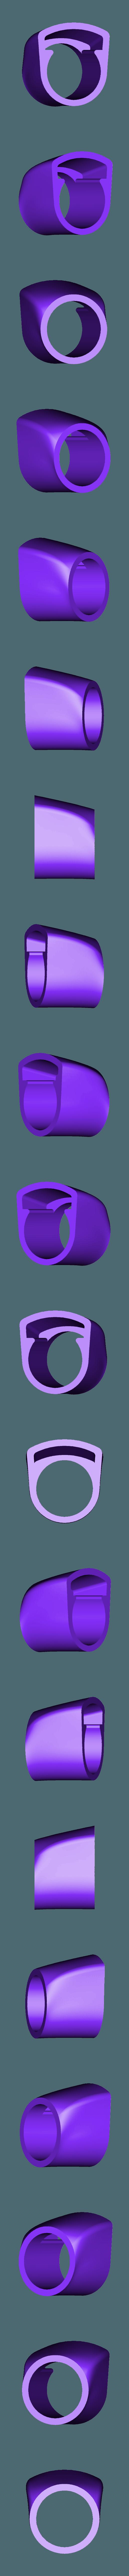 Zebco_Fishing_Nut_v1-0.STL Télécharger fichier STL gratuit Poteaux de pêche • Objet pour impression 3D, WalterHsiao